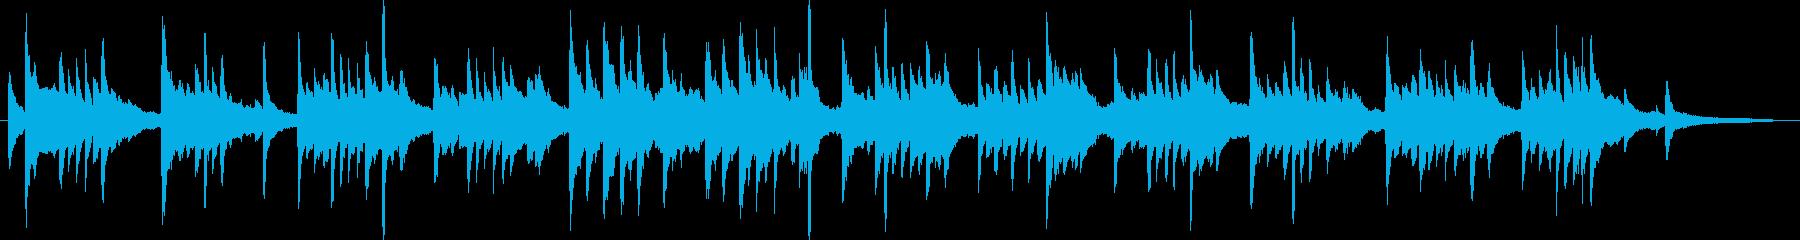 優しい・ほのぼの ピアノソロ独奏の再生済みの波形